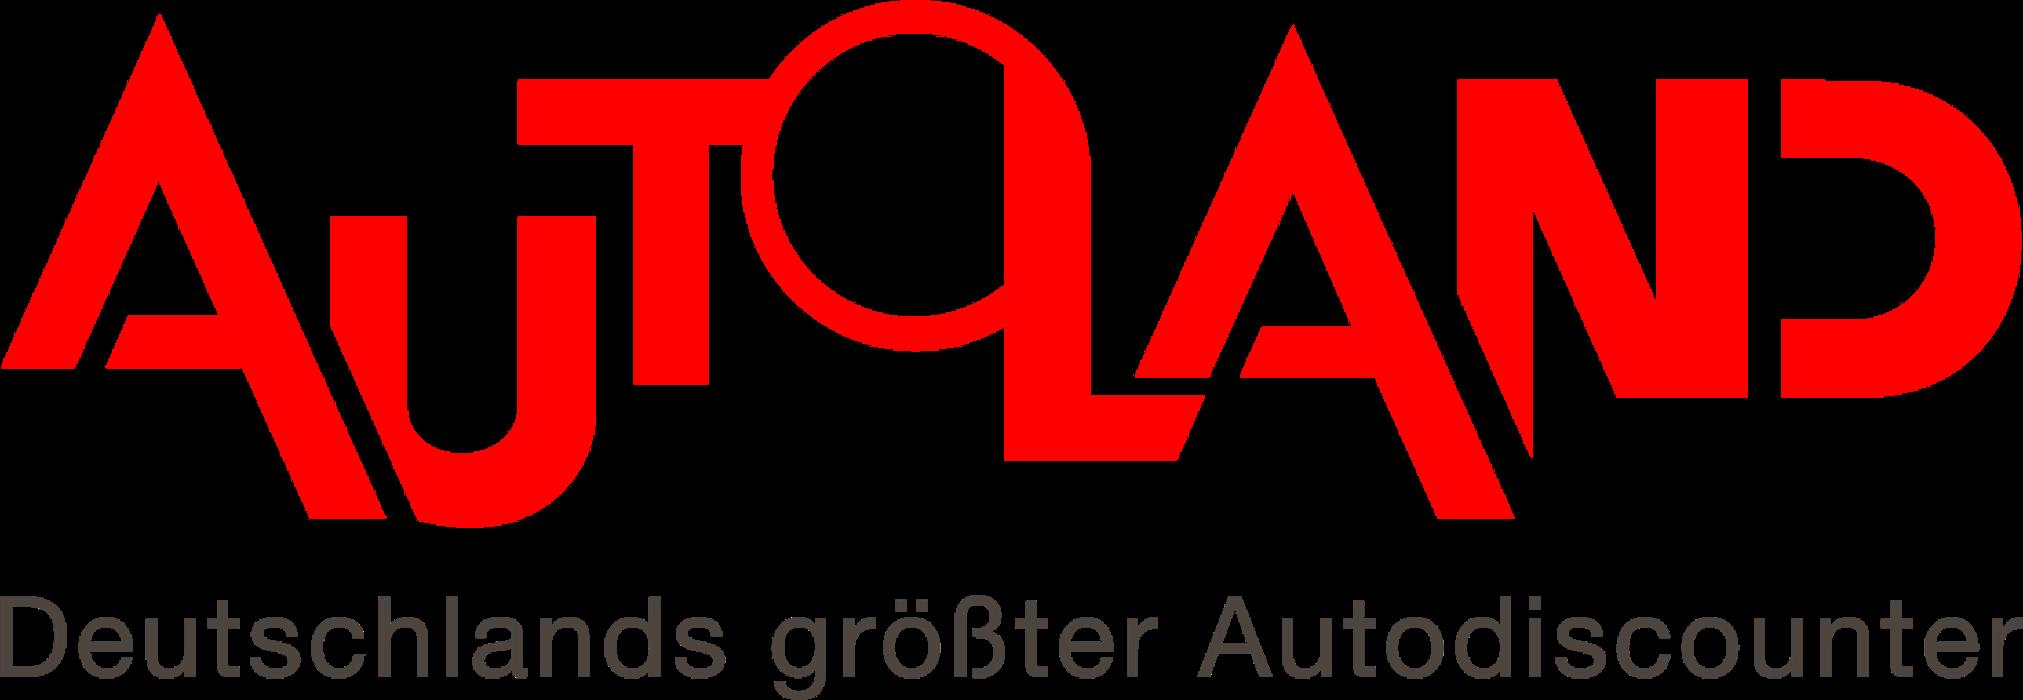 Bild zu Autoland AG Niederlassung Chemnitz in Chemnitz